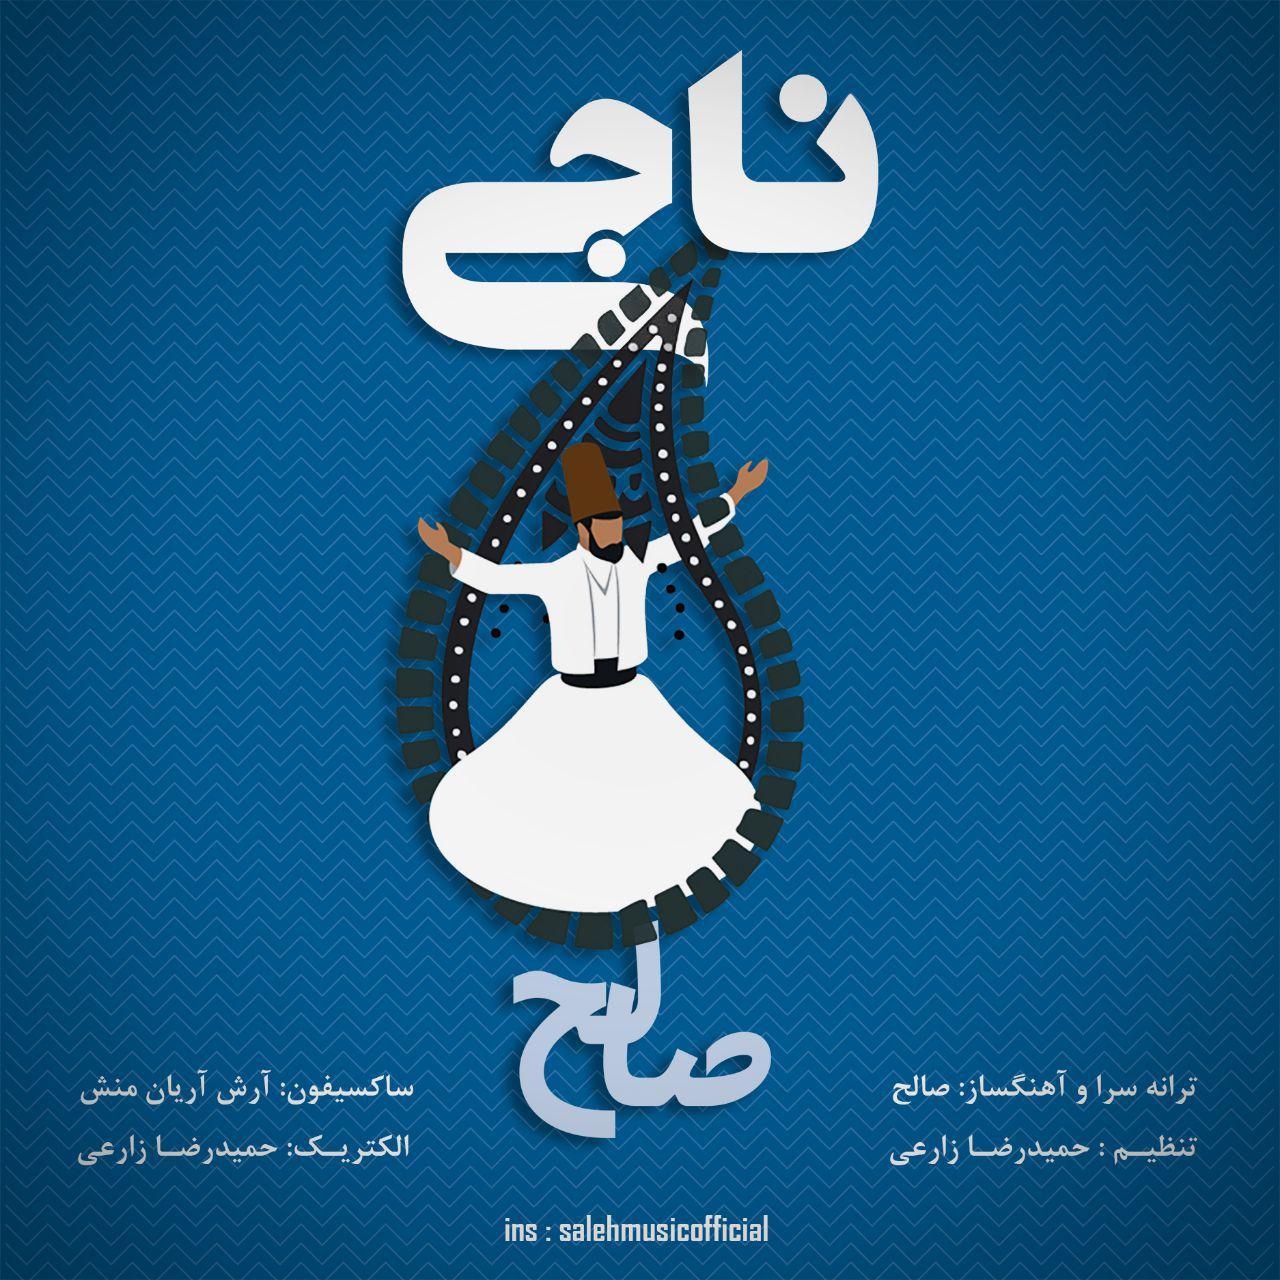 دانلود آهنگ صالح به نام ناجی